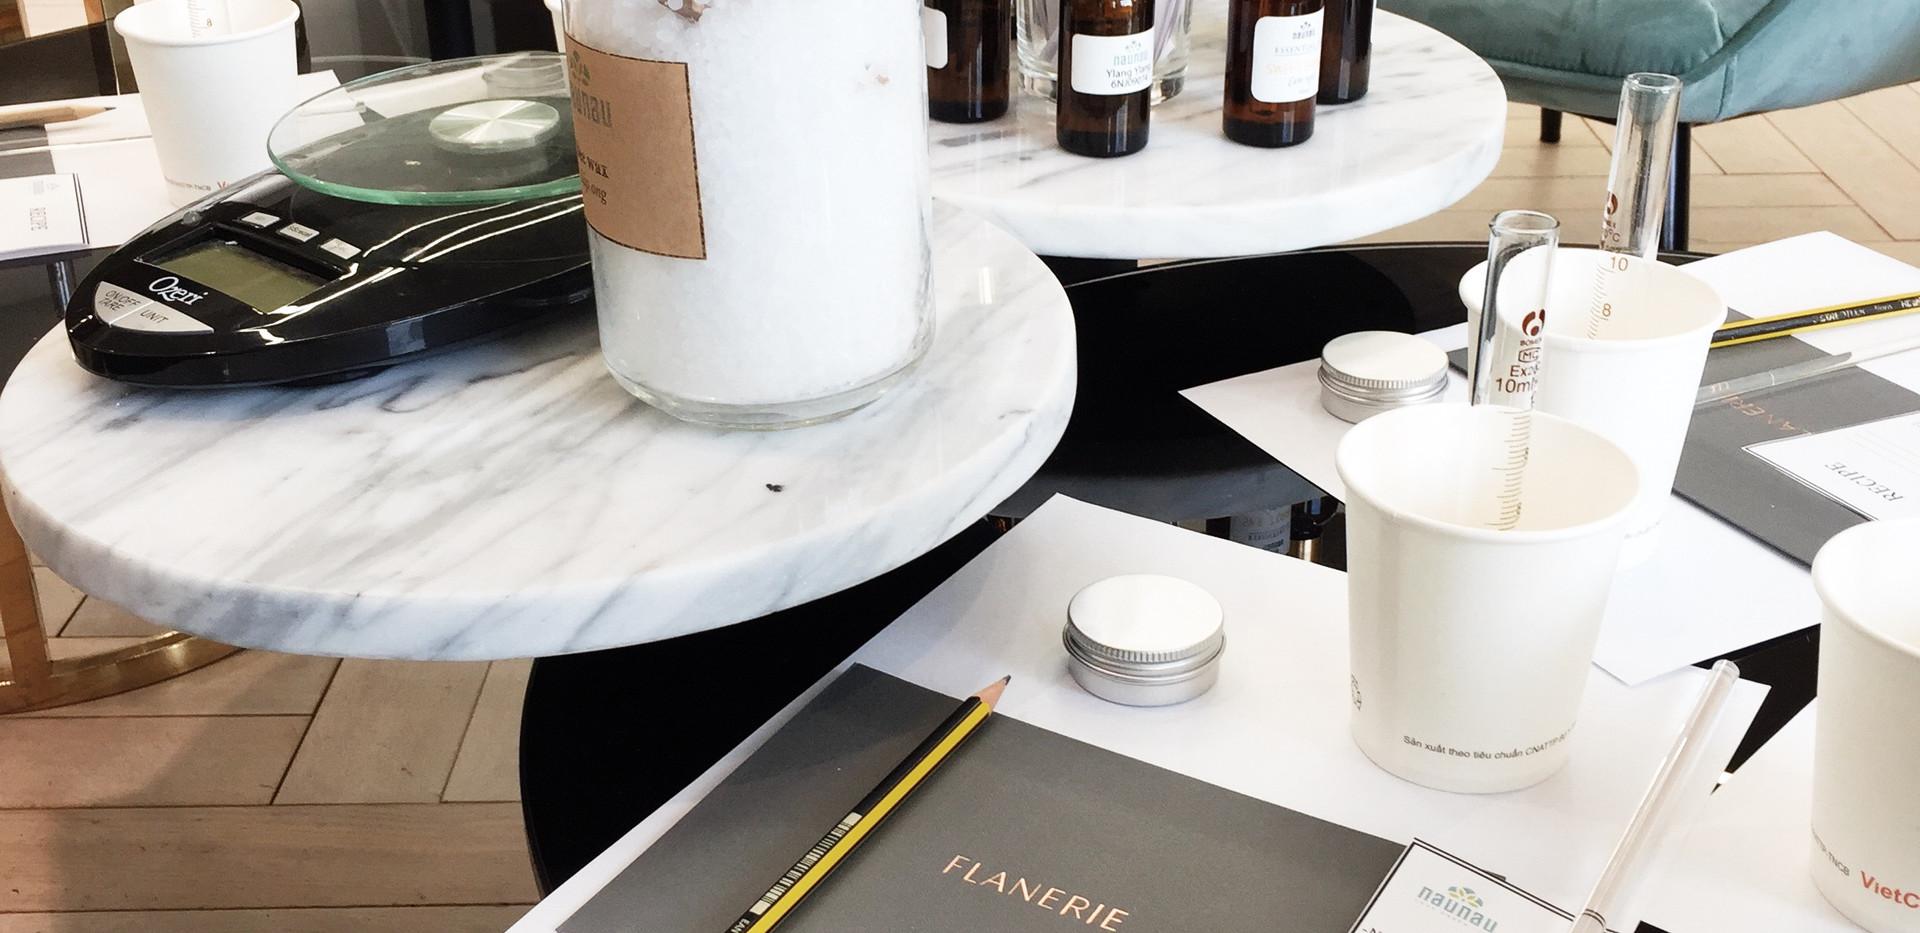 Flanerie workshop